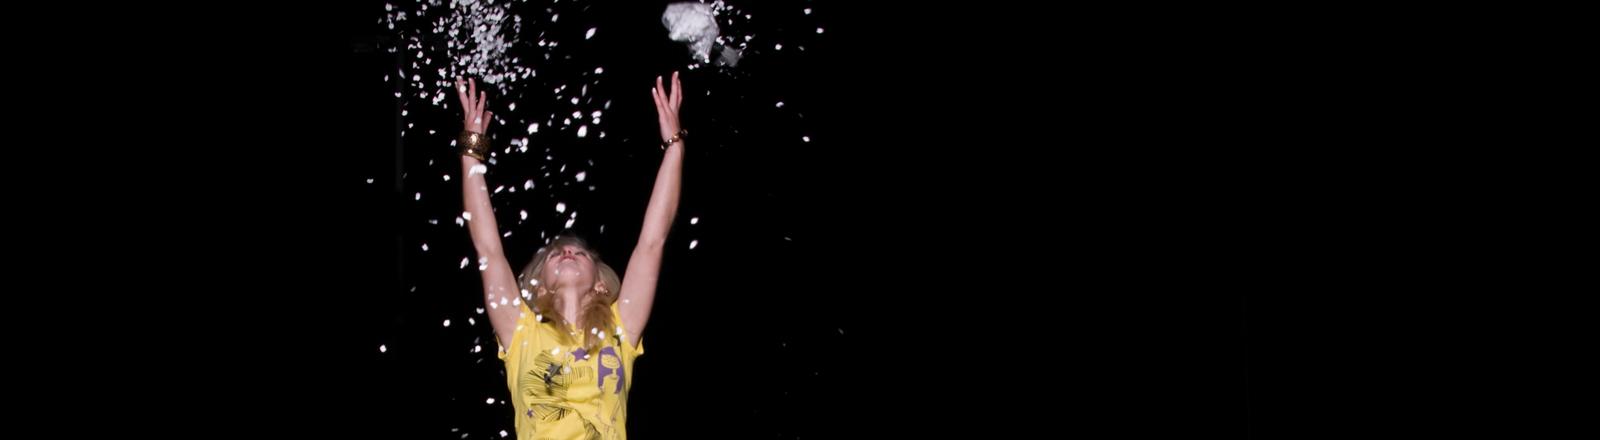 Frau im Konfetti-Regen, die beide Arme in die Luft wirft.